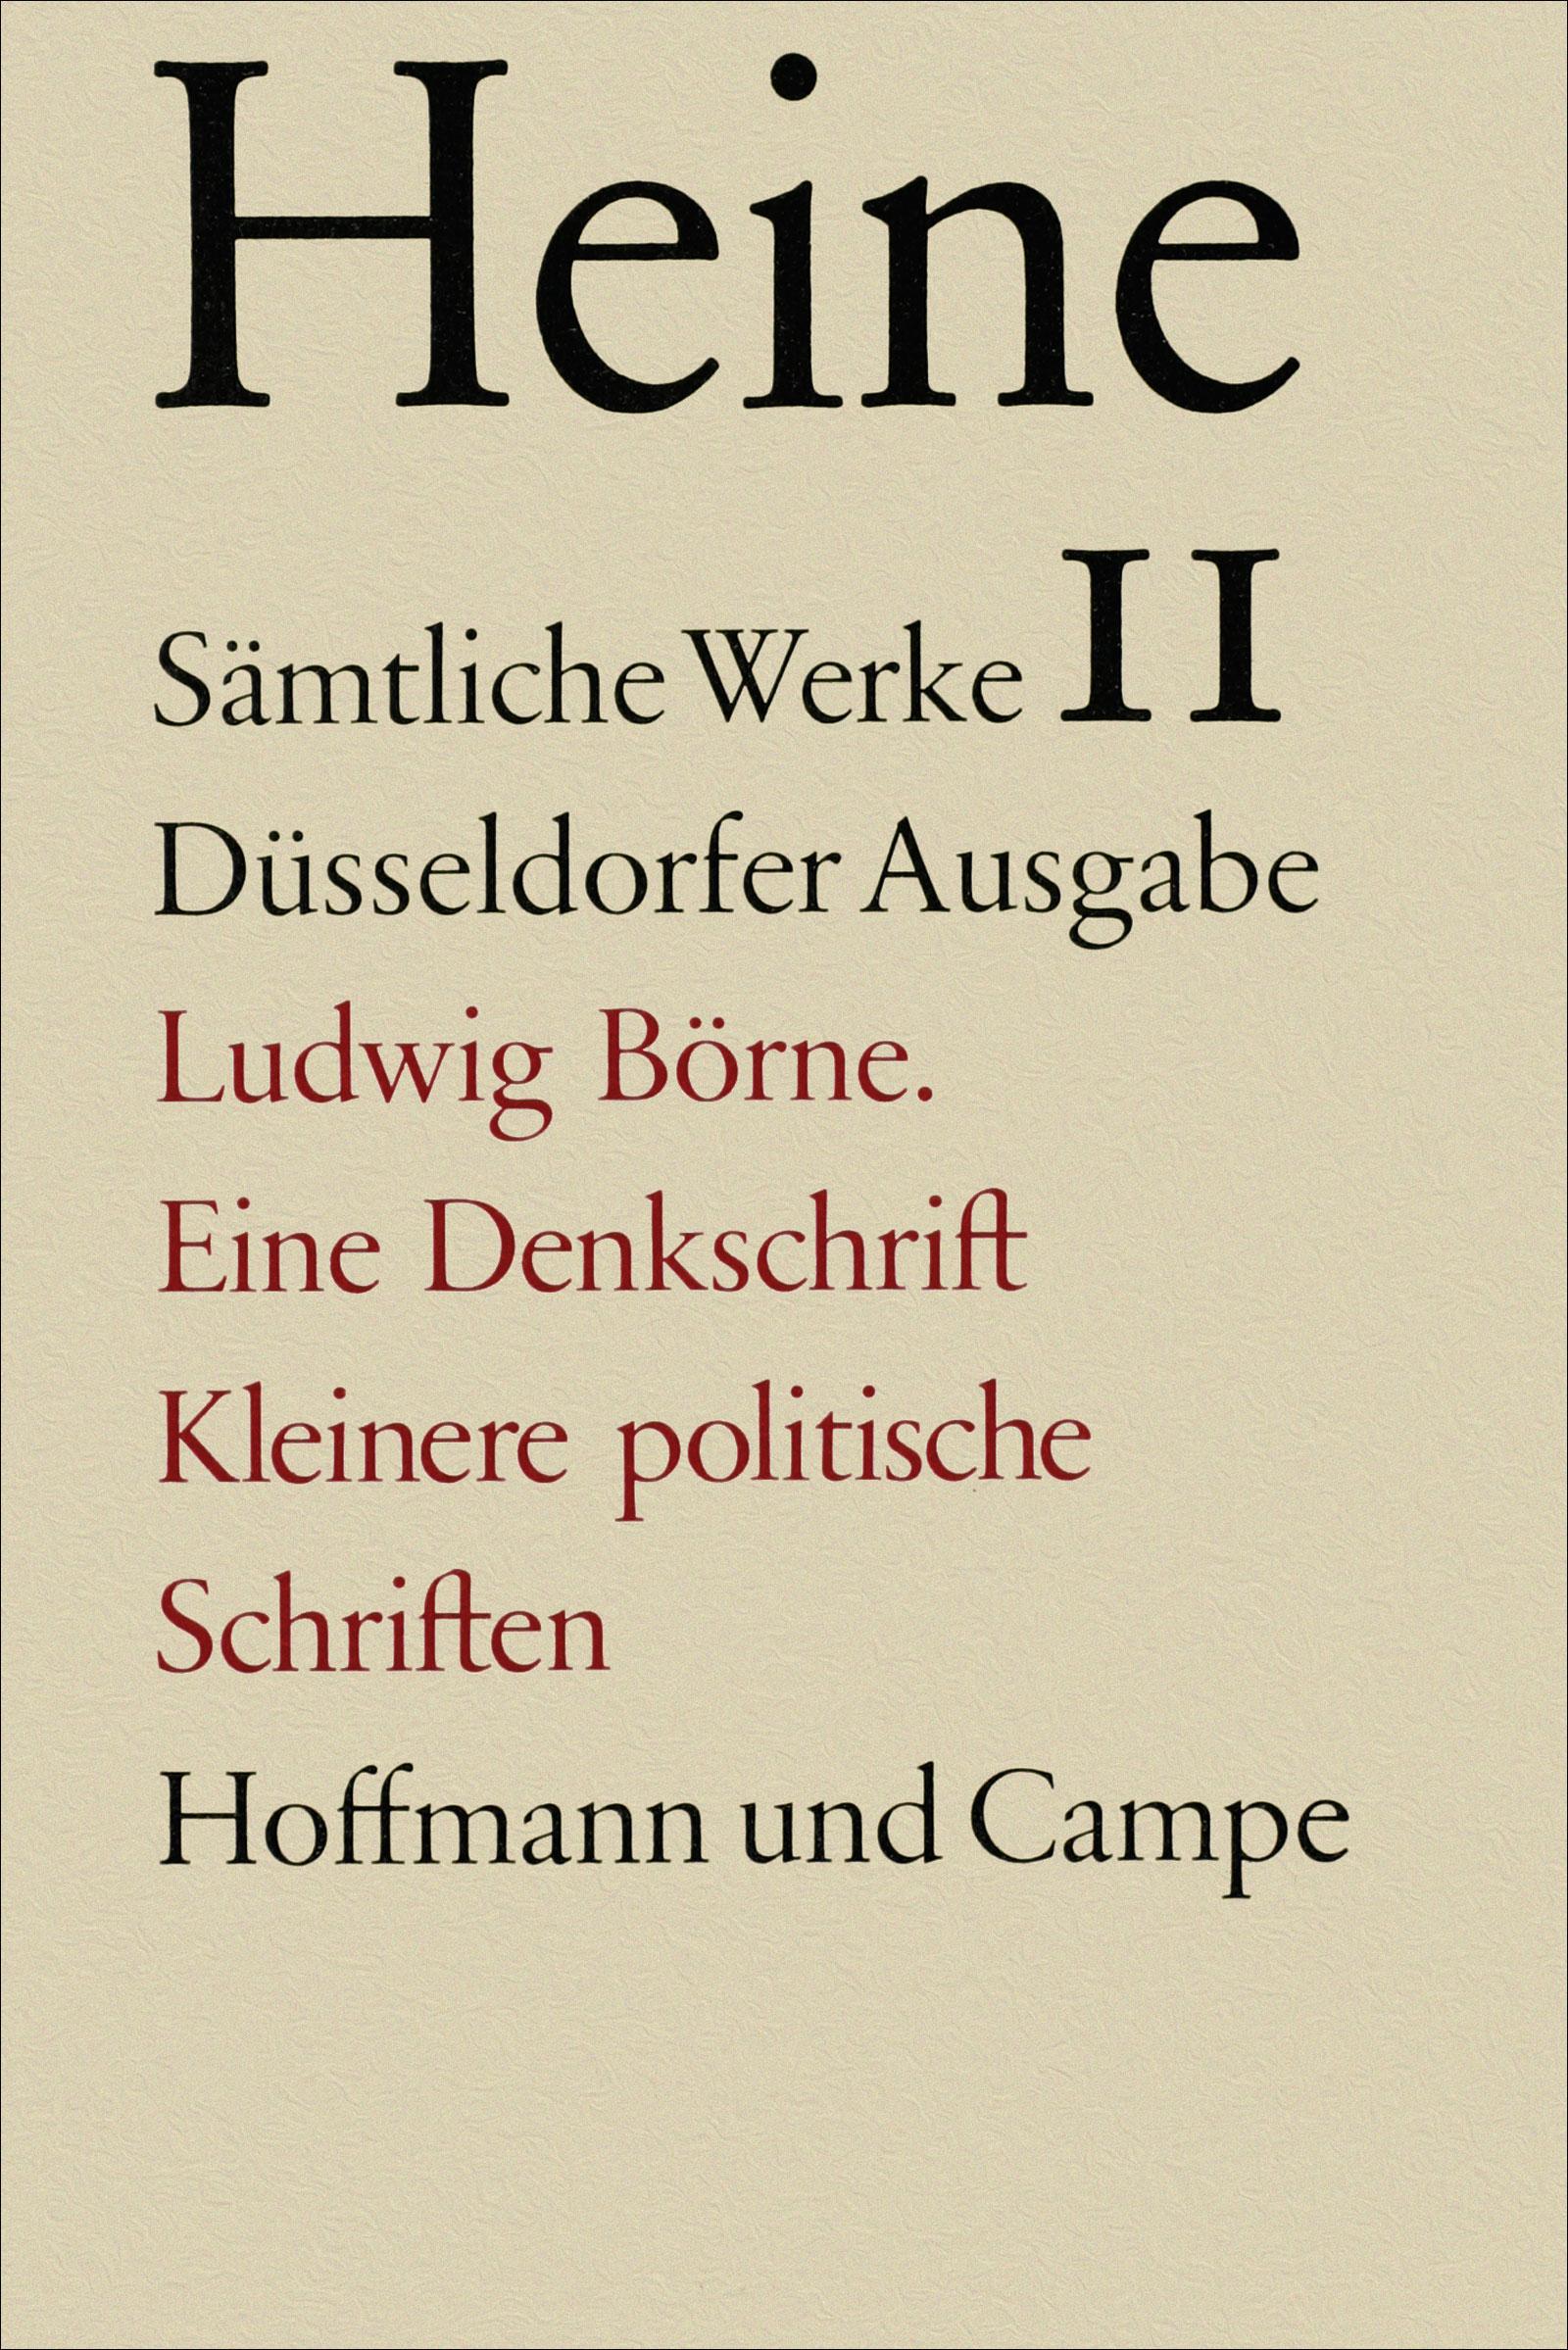 Ludwig-Boerne-Eine-Denkschrift-und-kleinere-politische-Schriften-Heinrich